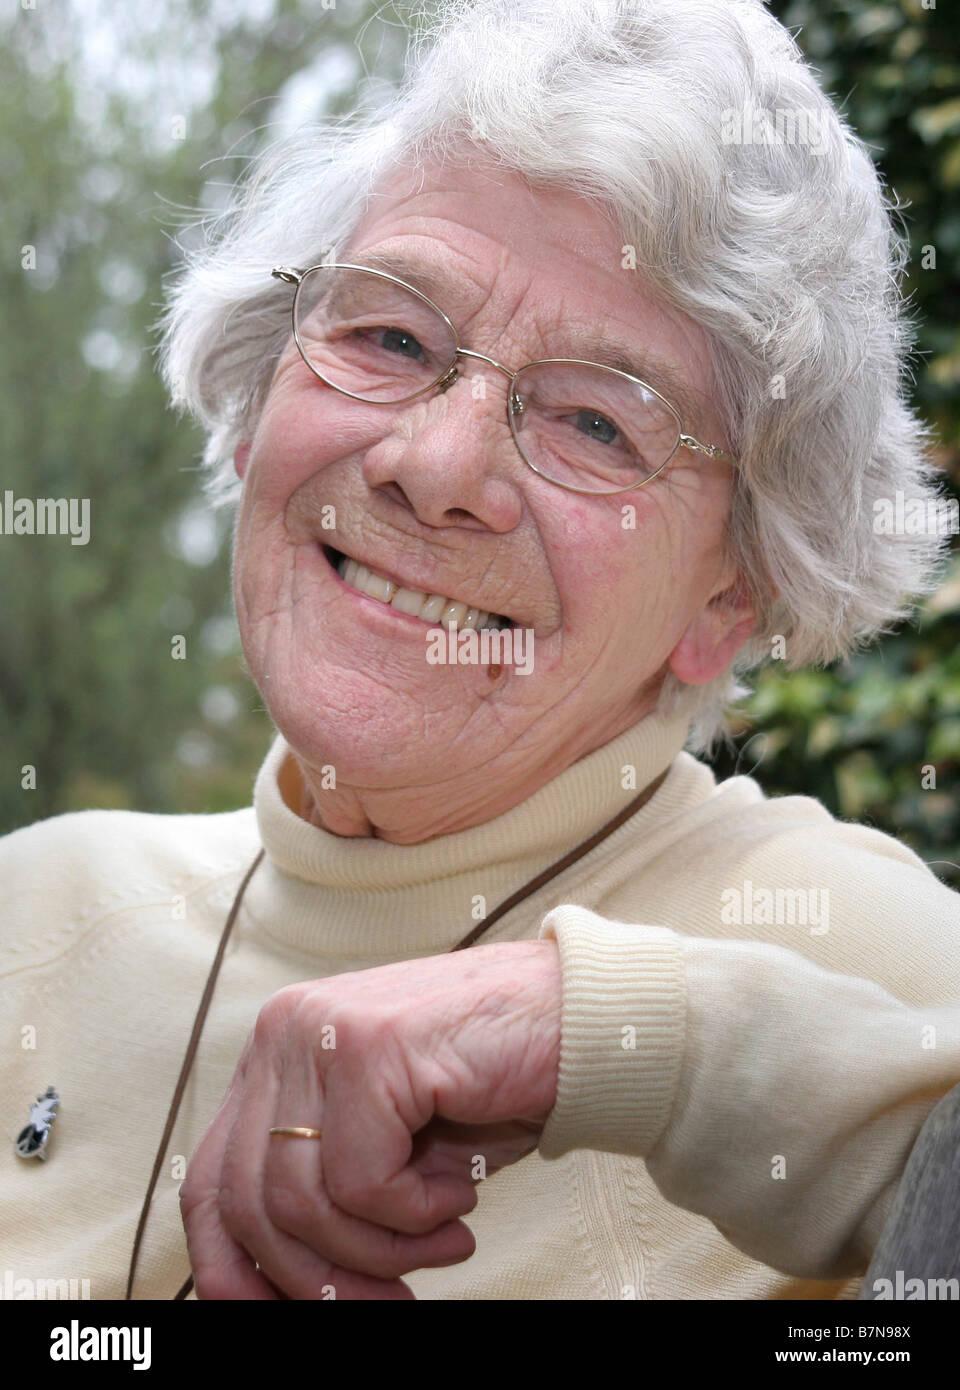 Jean Kaye ya 80 fue un gran defensor de la paz en la década de los 80's tomado Oxfordshire 2006 Imagen De Stock